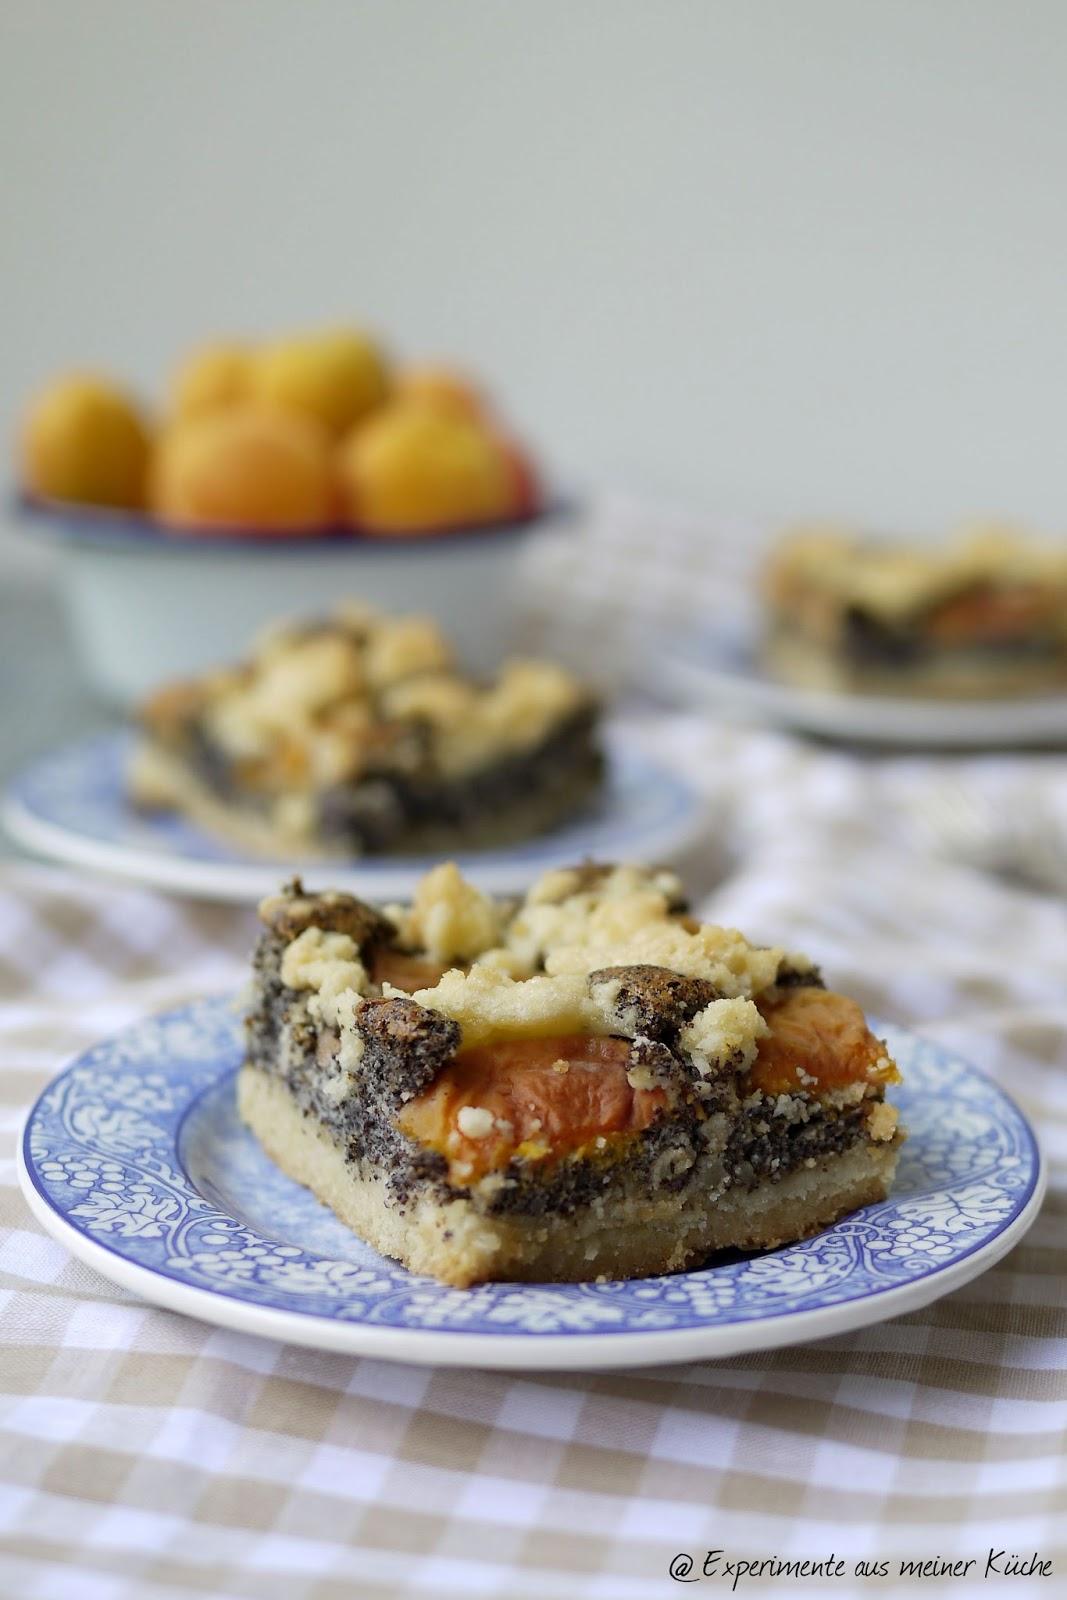 Experimente aus meiner Küche: Aprikosen-Mohn-Kuchen